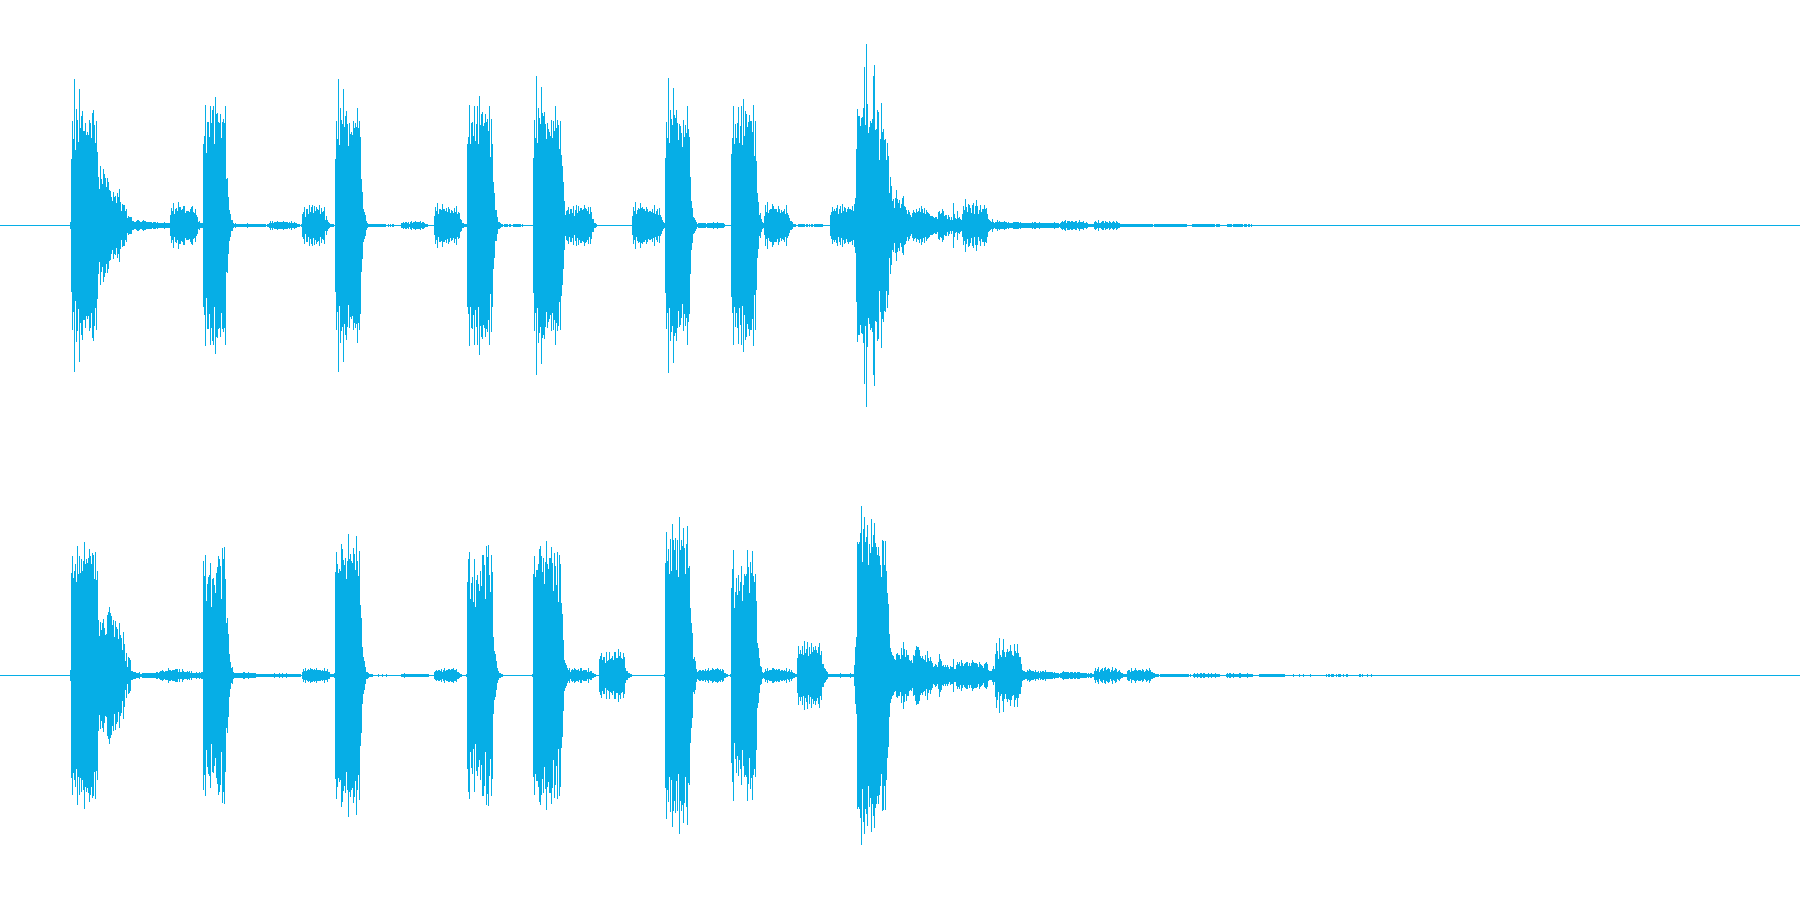 ラジオ・ネットラジオ・YouTuberの再生済みの波形